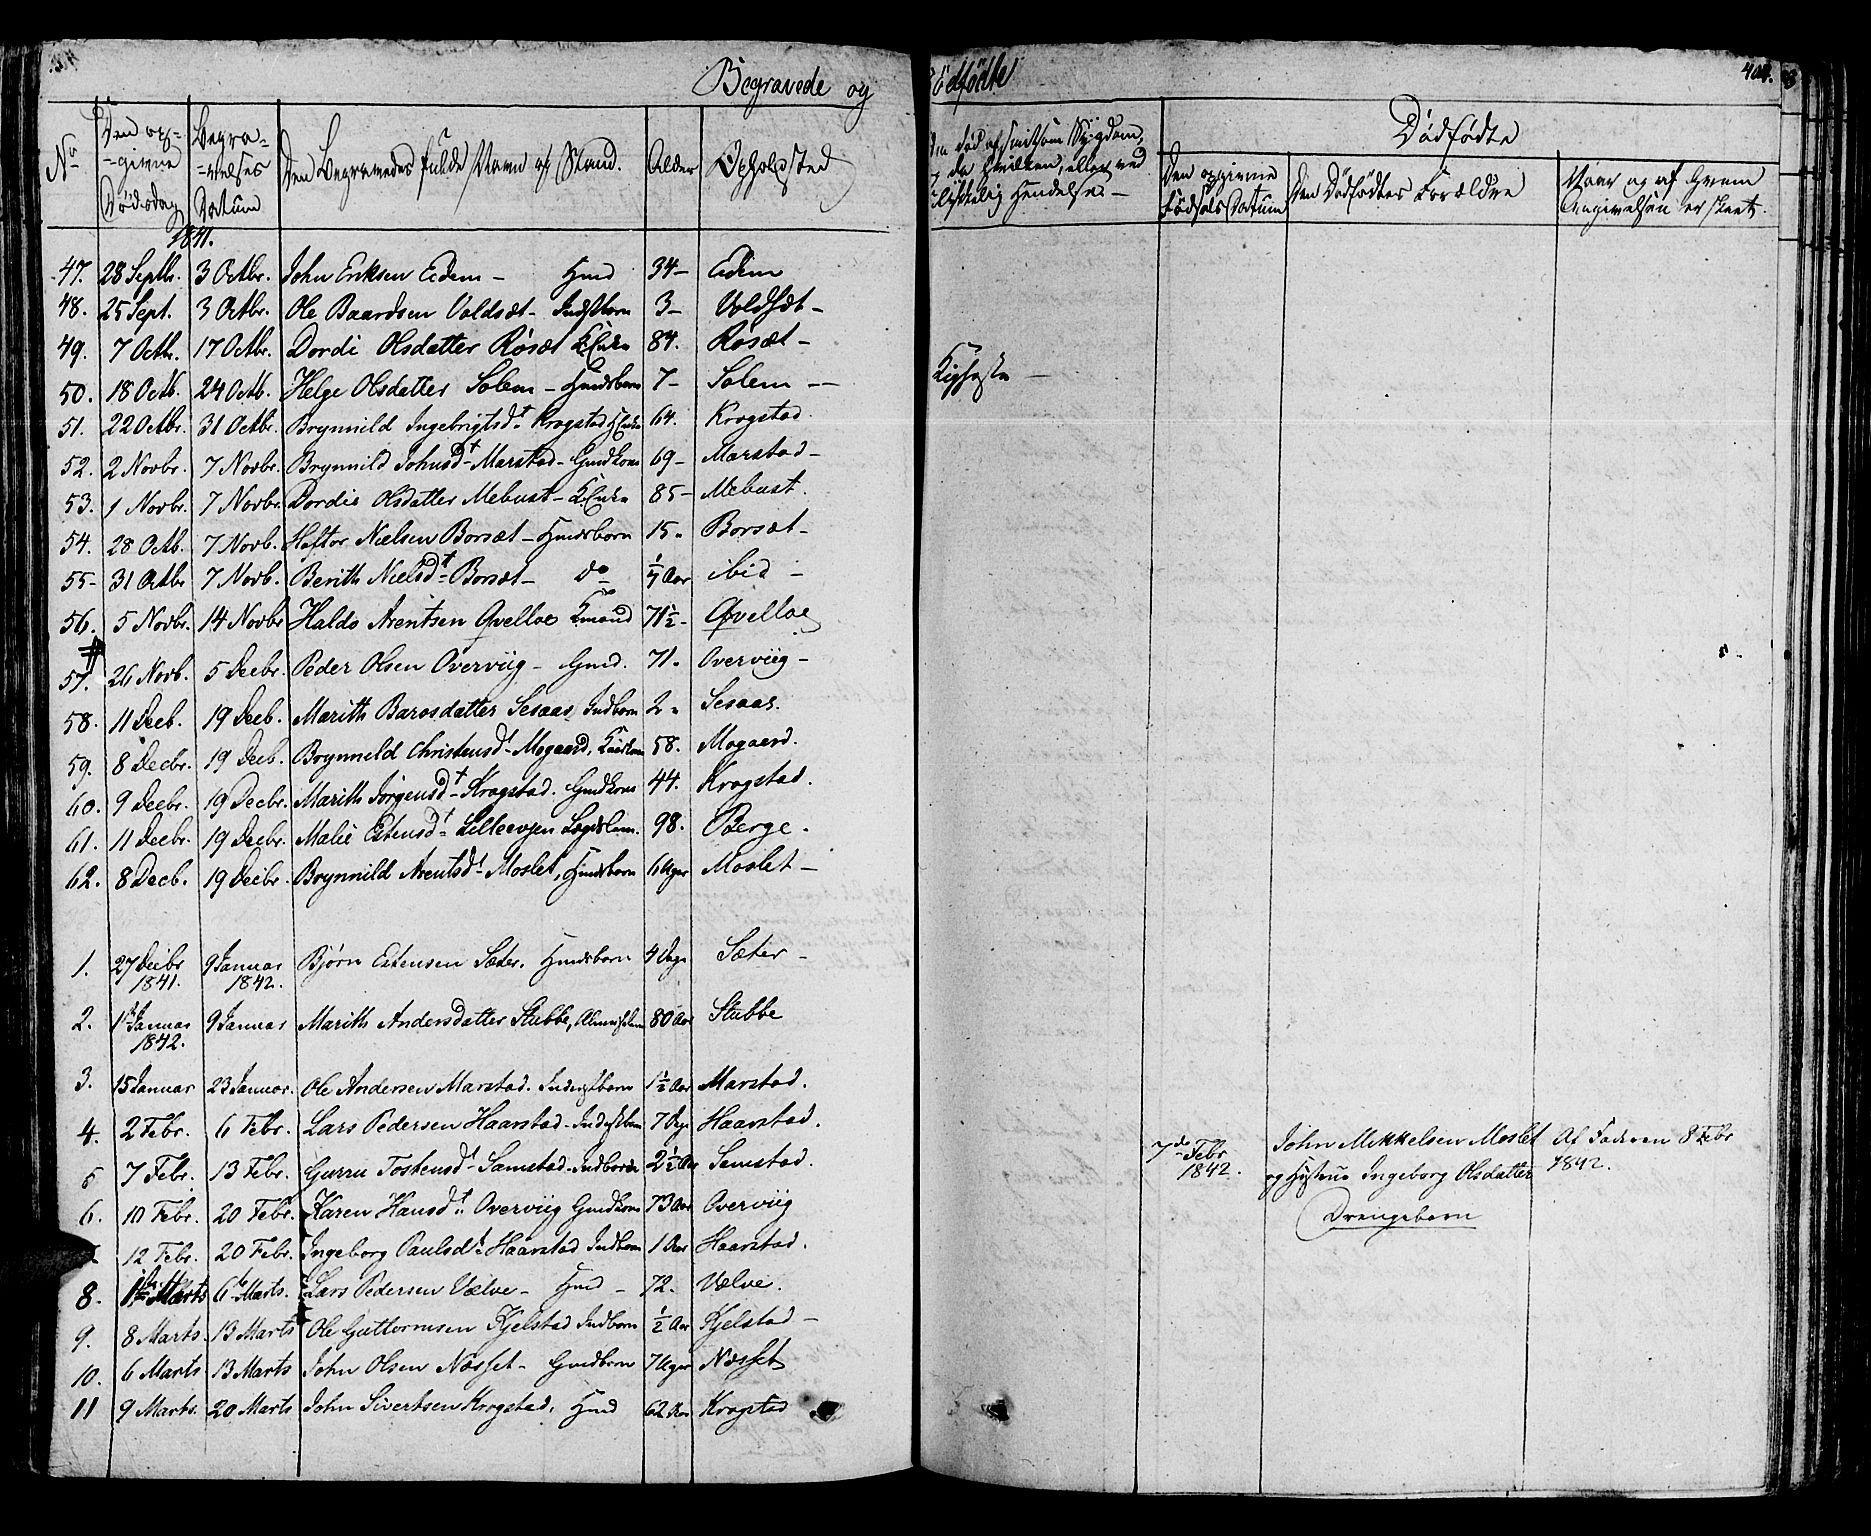 SAT, Ministerialprotokoller, klokkerbøker og fødselsregistre - Sør-Trøndelag, 695/L1143: Ministerialbok nr. 695A05 /1, 1824-1842, s. 404